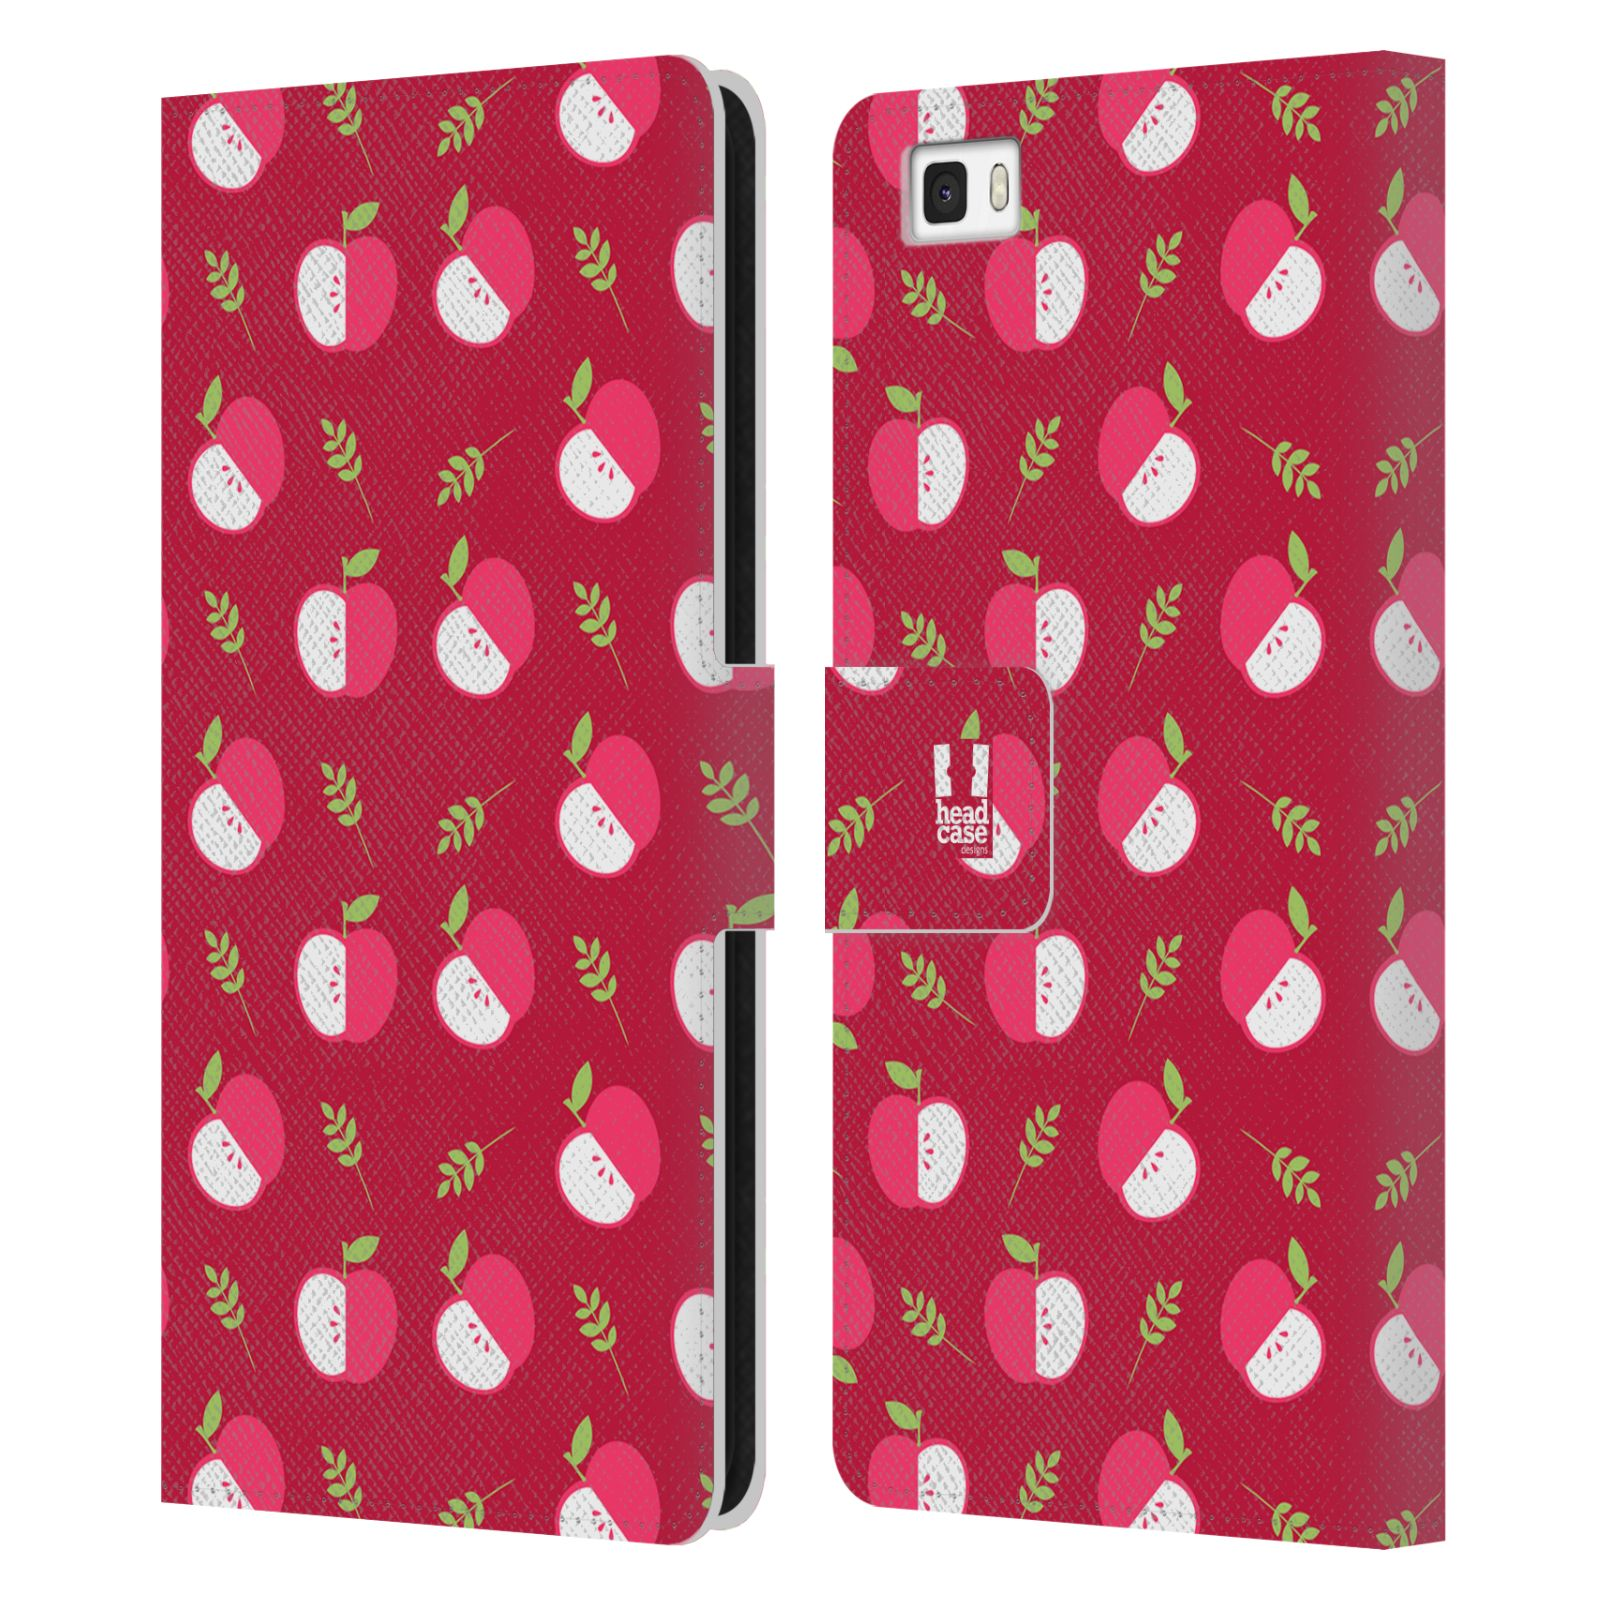 HEAD CASE Flipové pouzdro pro mobil Huawei P8 LITE ovocné motivy jablíčko červený odstín